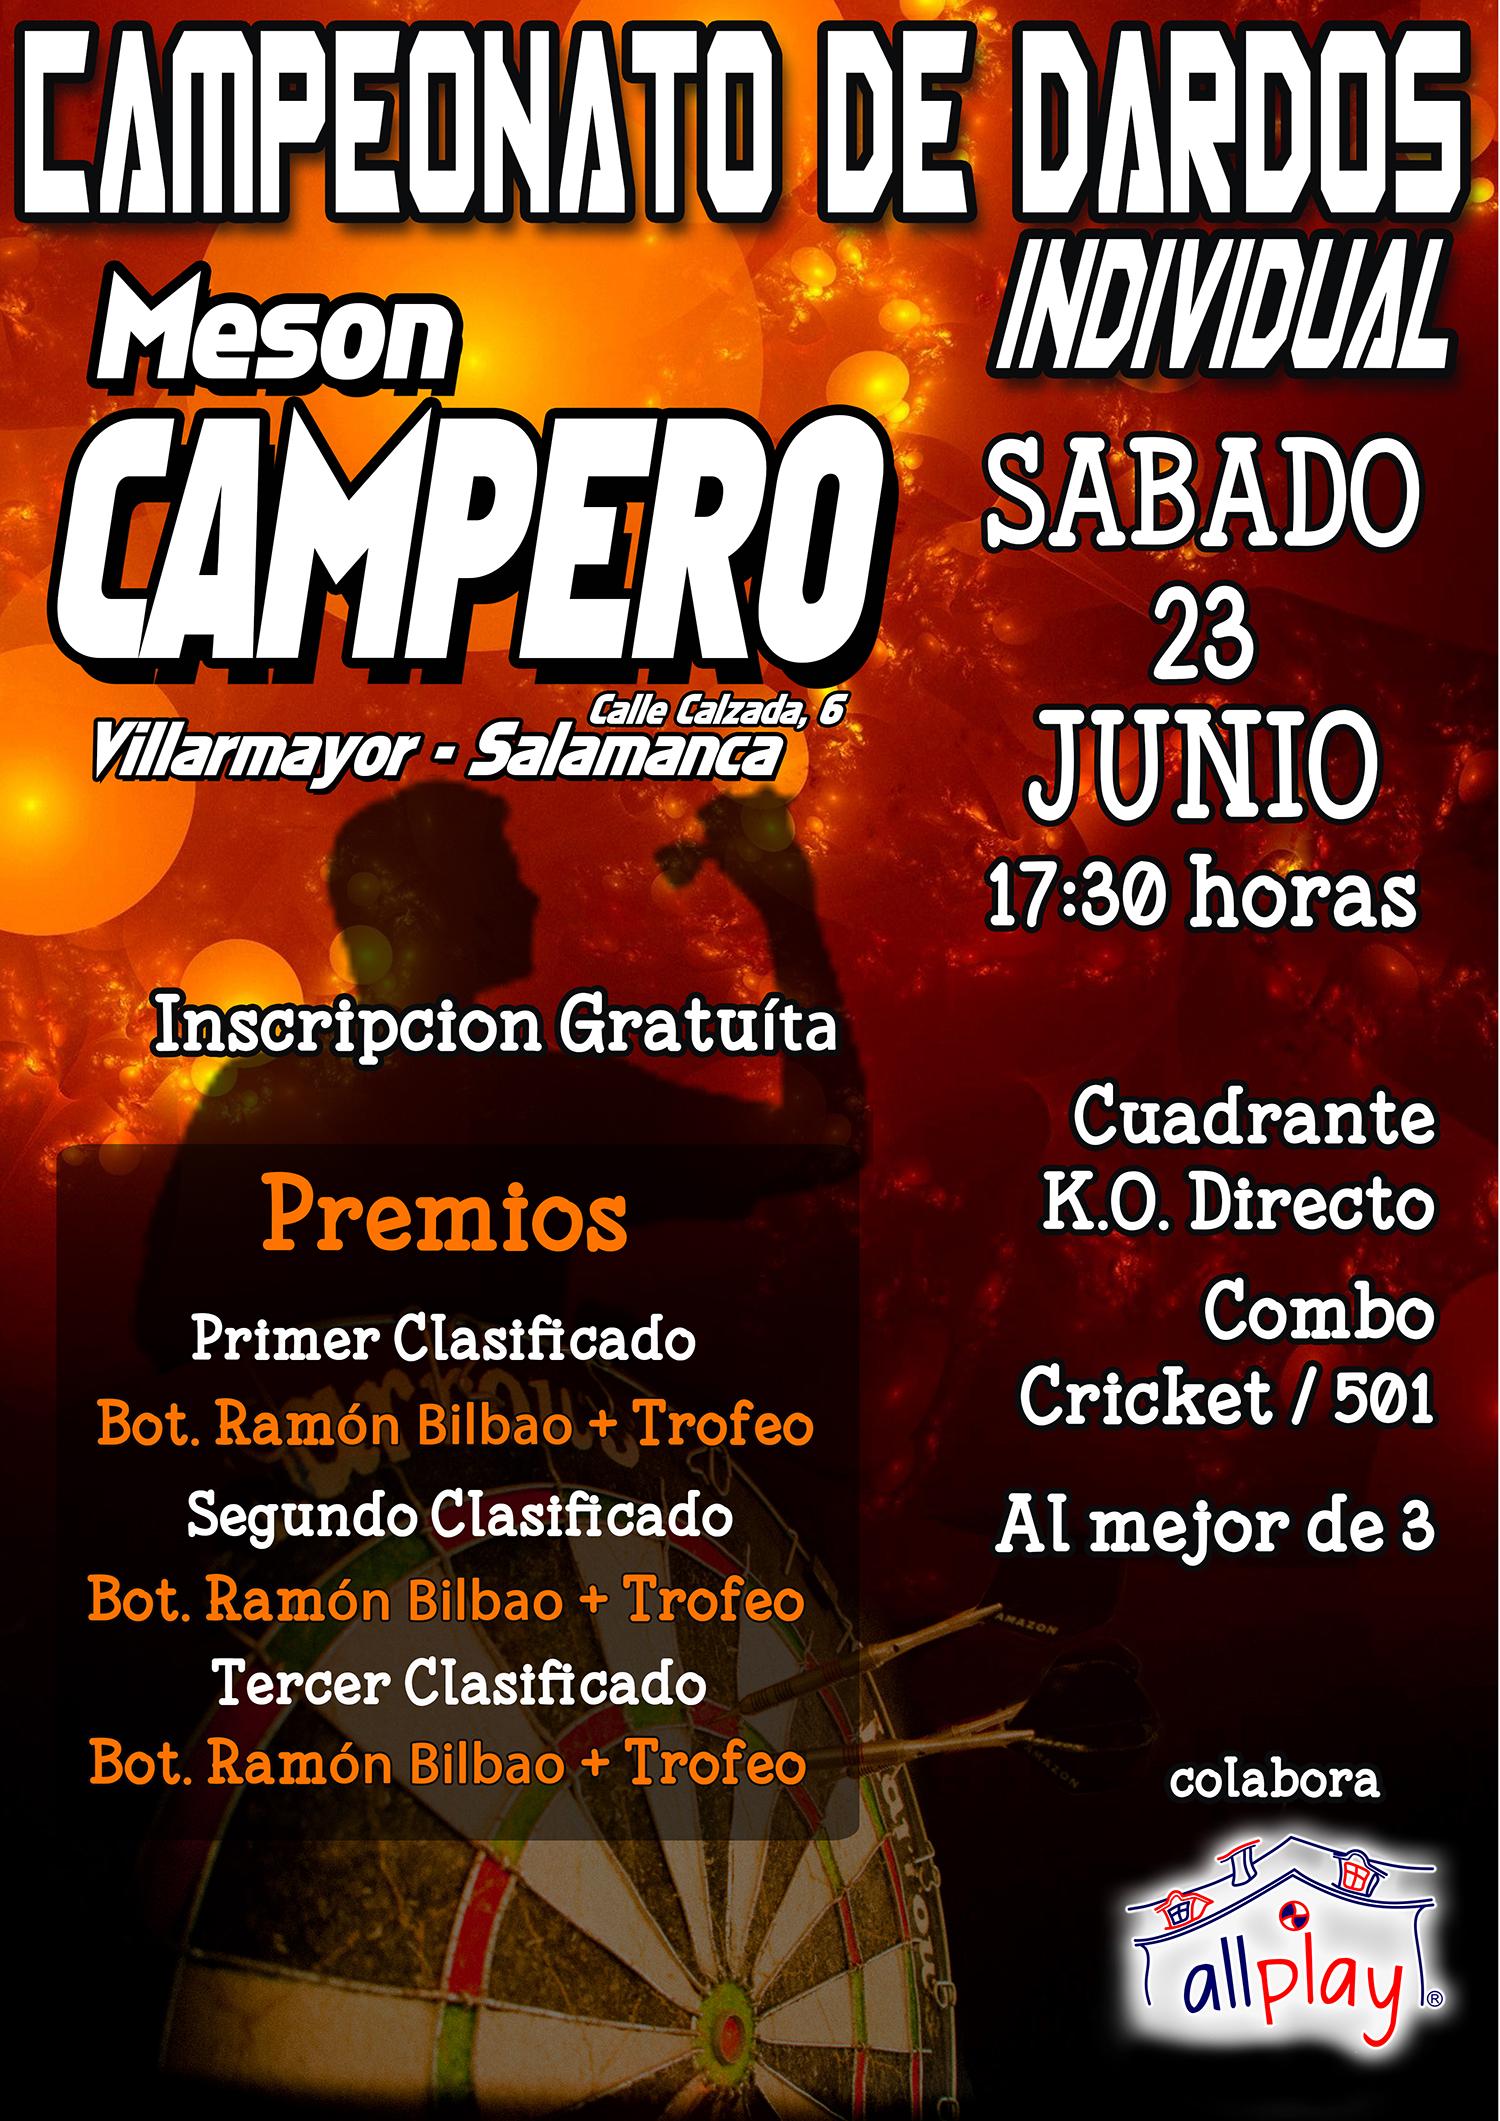 Cartel Mesón Campero